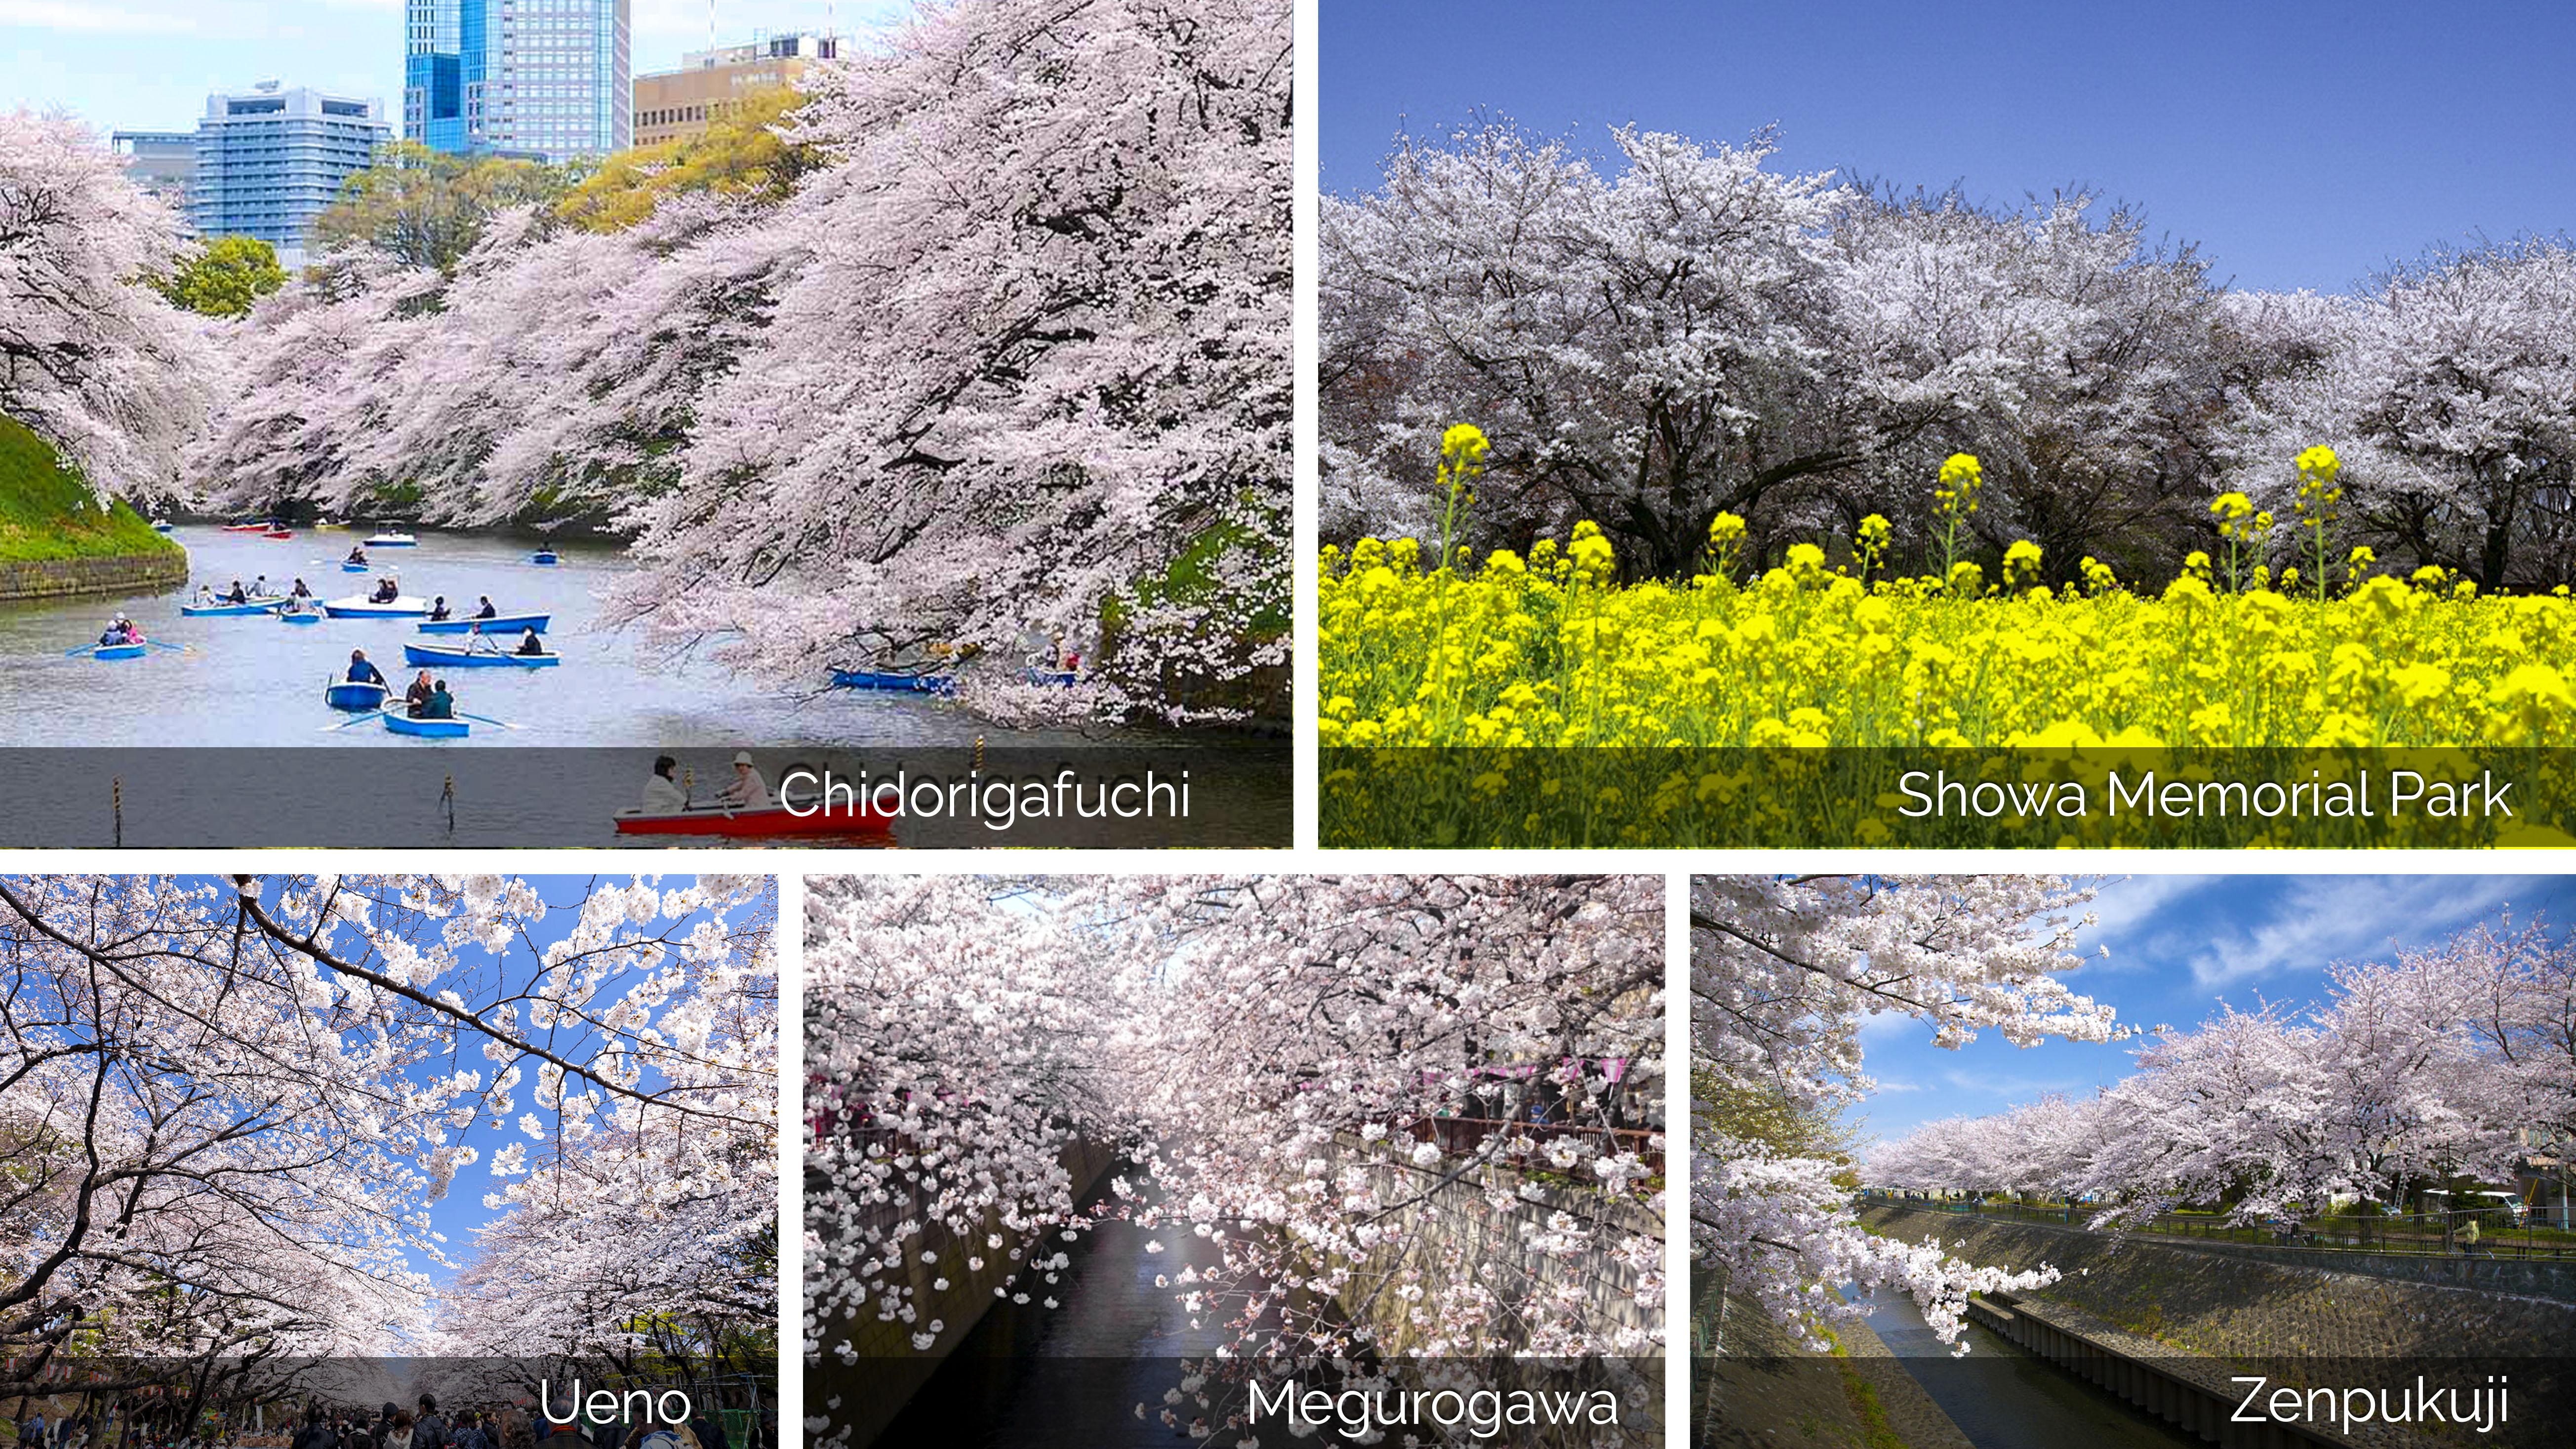 11 điểm ngắm hoa anh đào nổi tiếng Tokyo-2